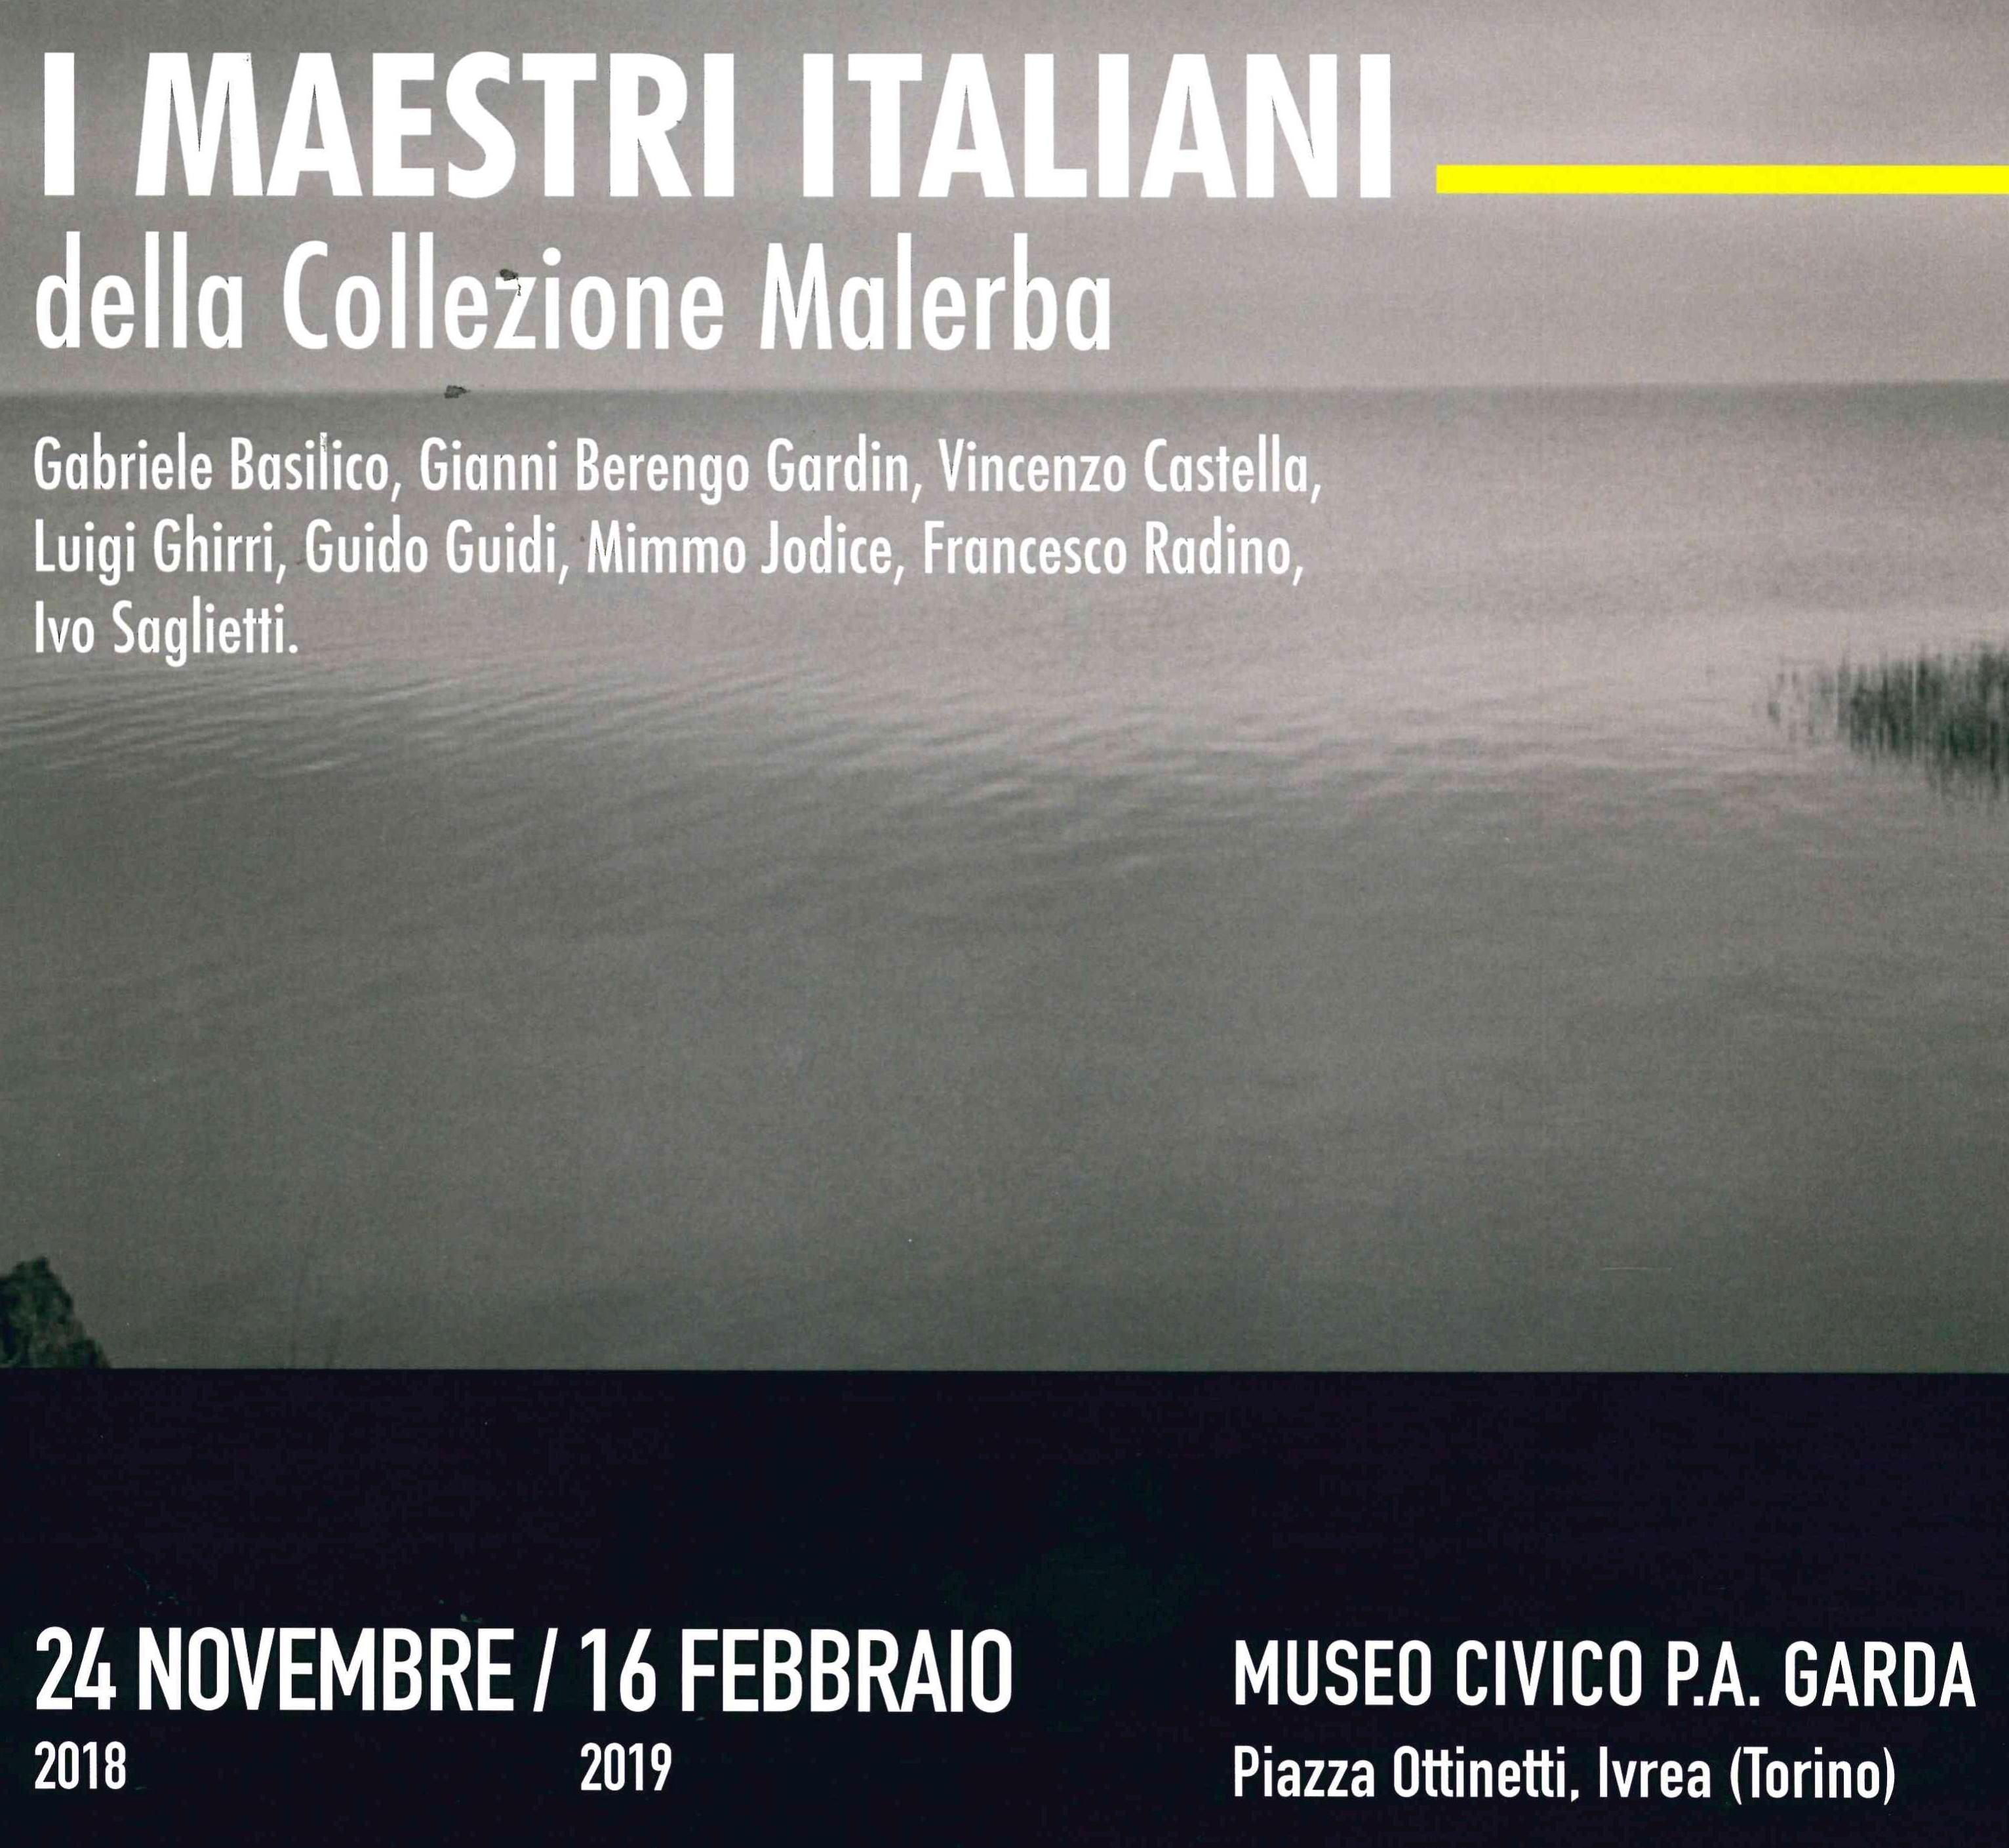 I maestri italiani della Collezione Malerba